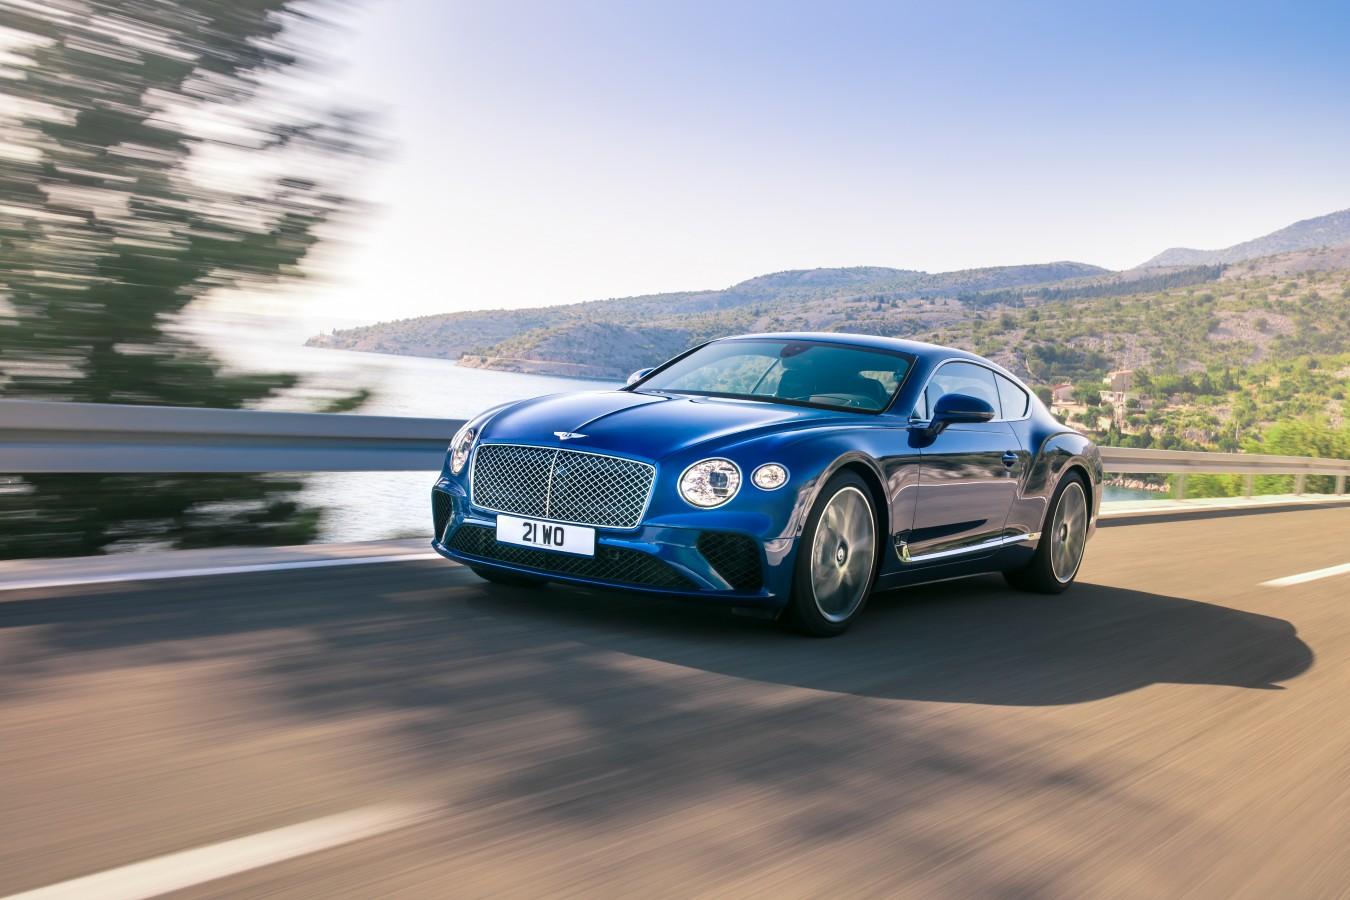 САМАЯ  ДОЛГОЖДАННАЯ ПРЕМЬЕРА - НОВЫЙ BENTLEY CONTINENTAL GT - изображение New-Continental-GT-1 на Bentleymoscow.ru!